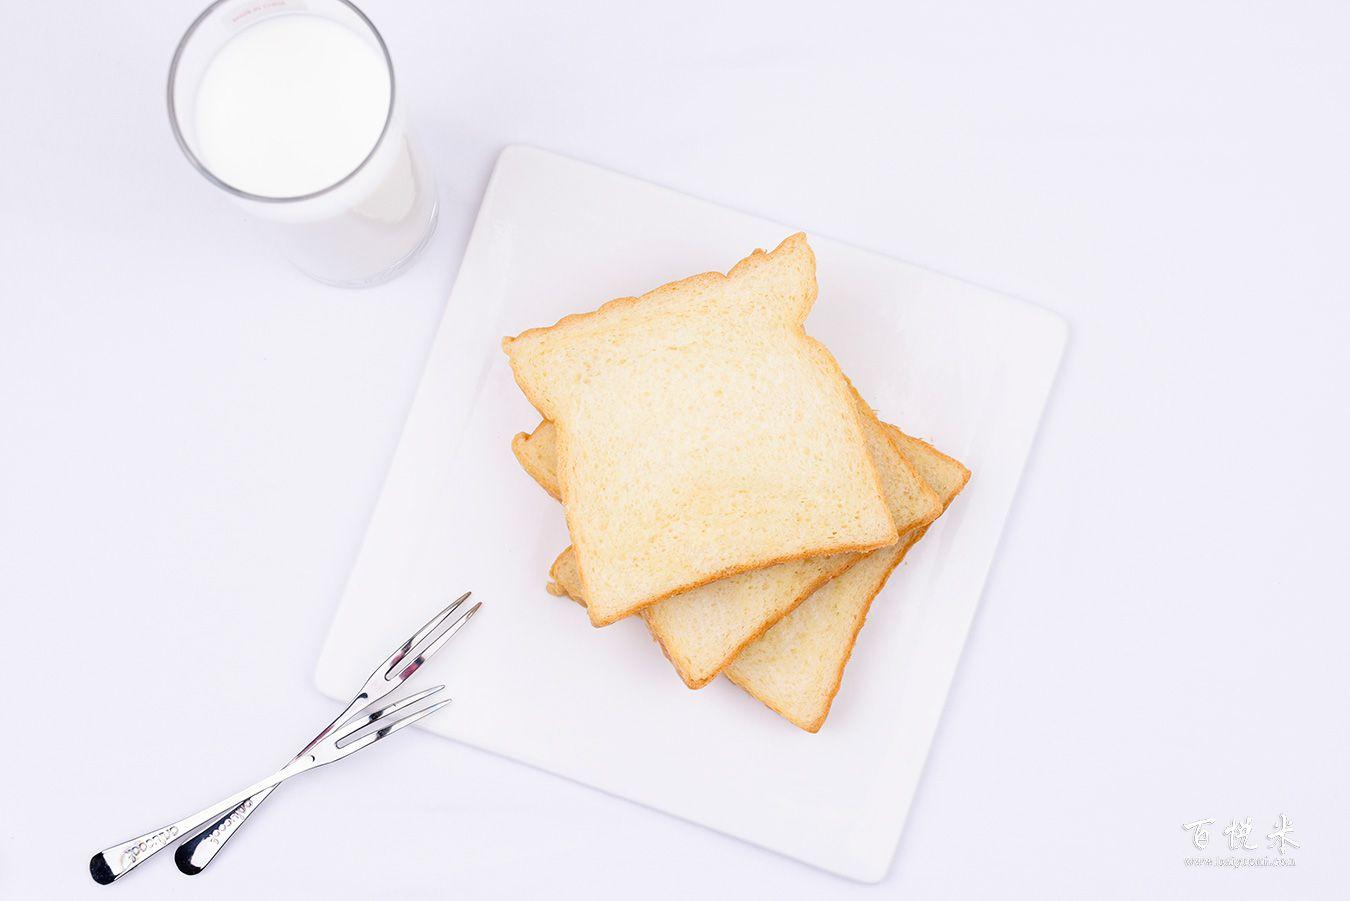 原味吐司面包高清图片大全【蛋糕图片】_330